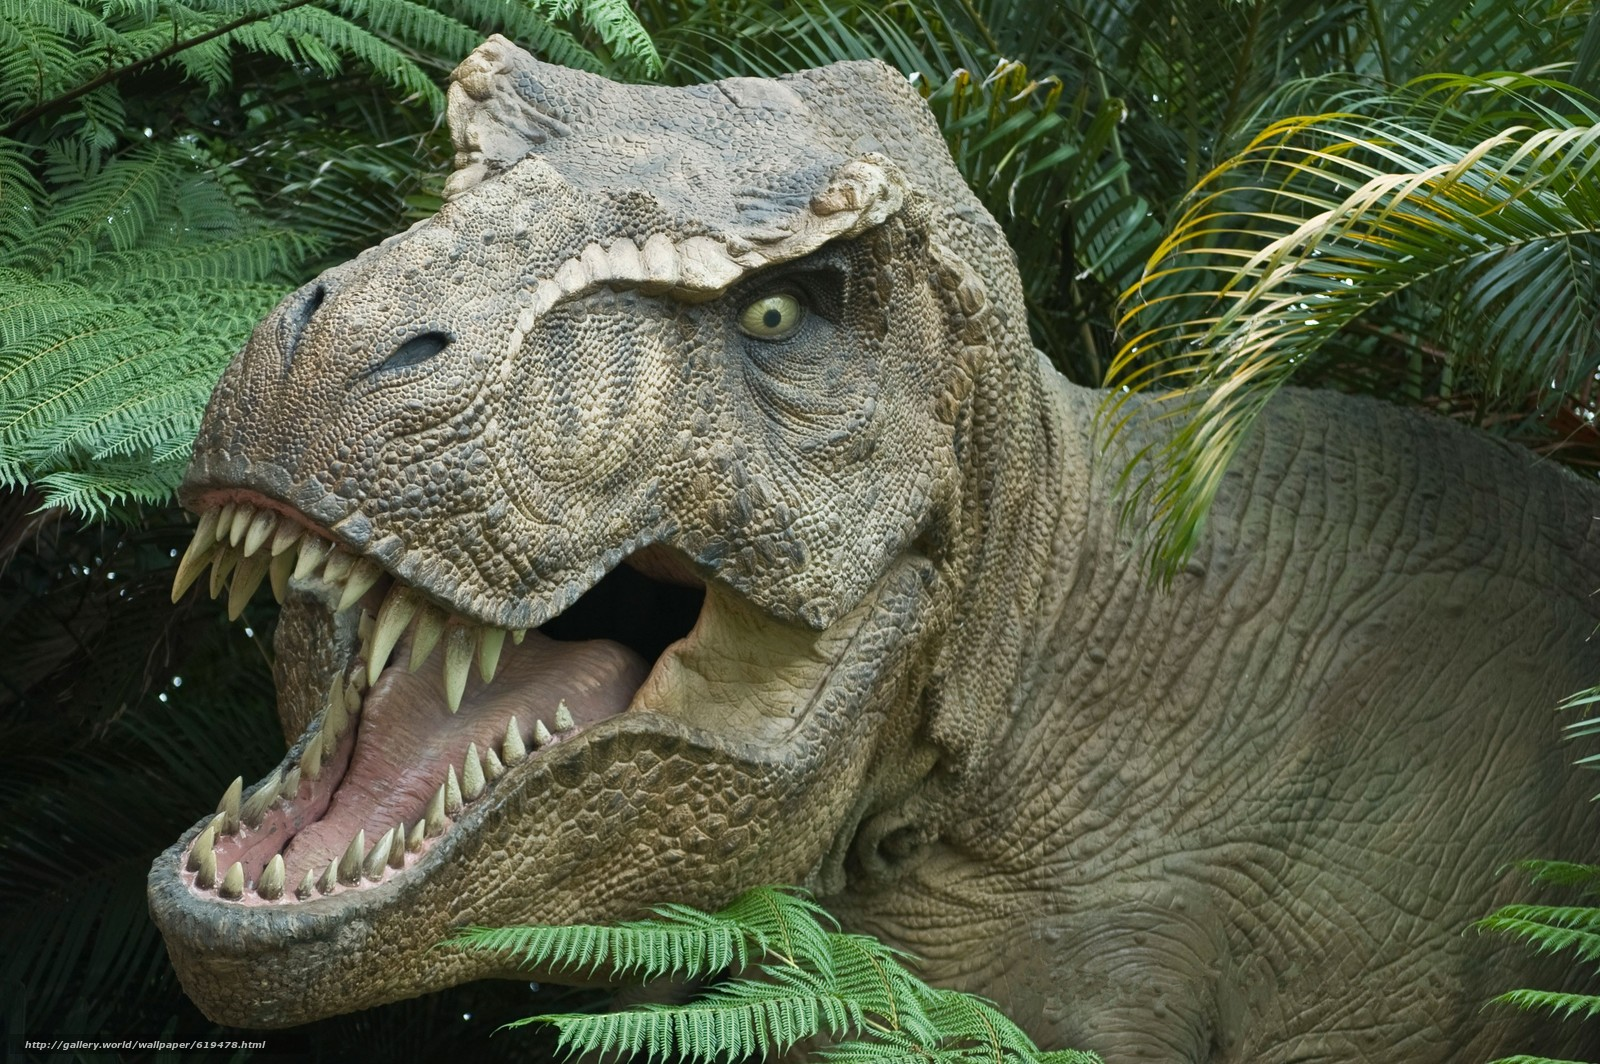 下载壁纸 霸王龙, 恐龙, 侏罗纪公园 免费为您的桌面分辨率的壁纸